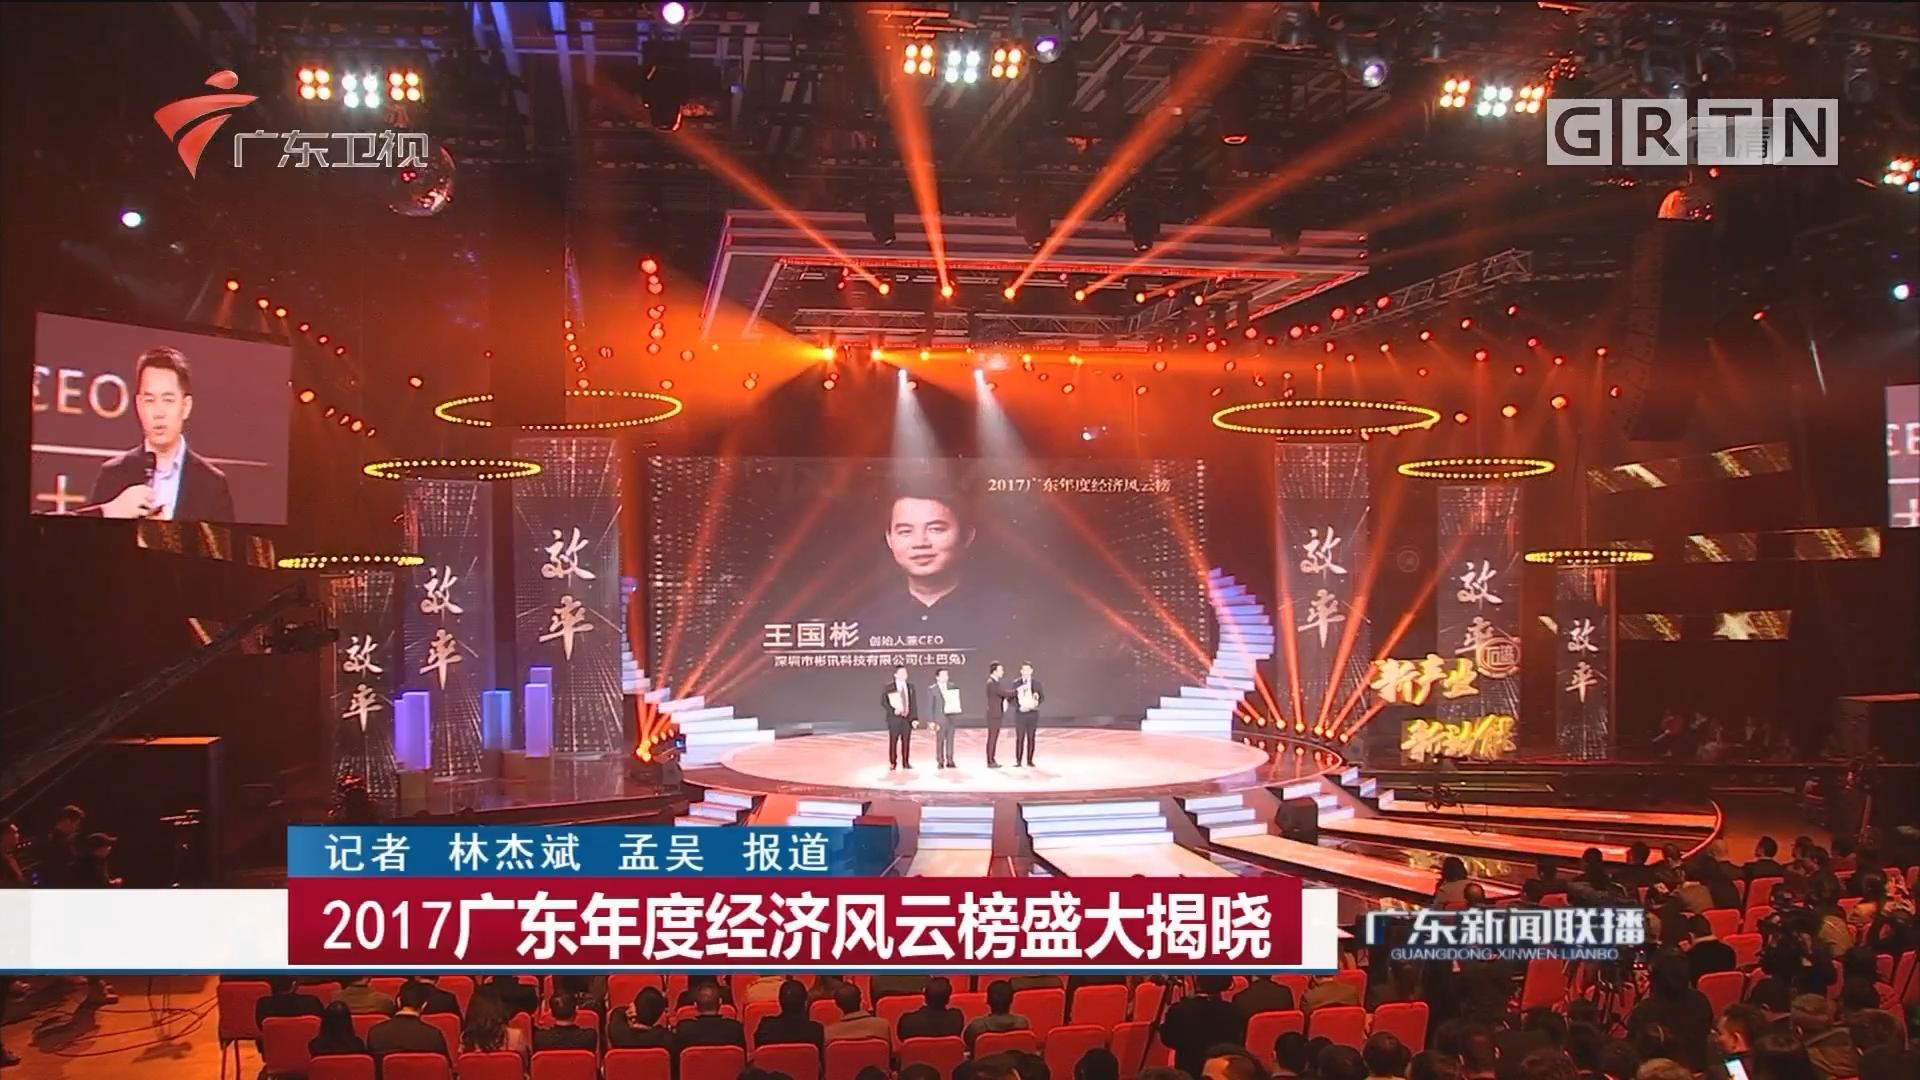 2017广东年度经济风云榜盛大揭晓